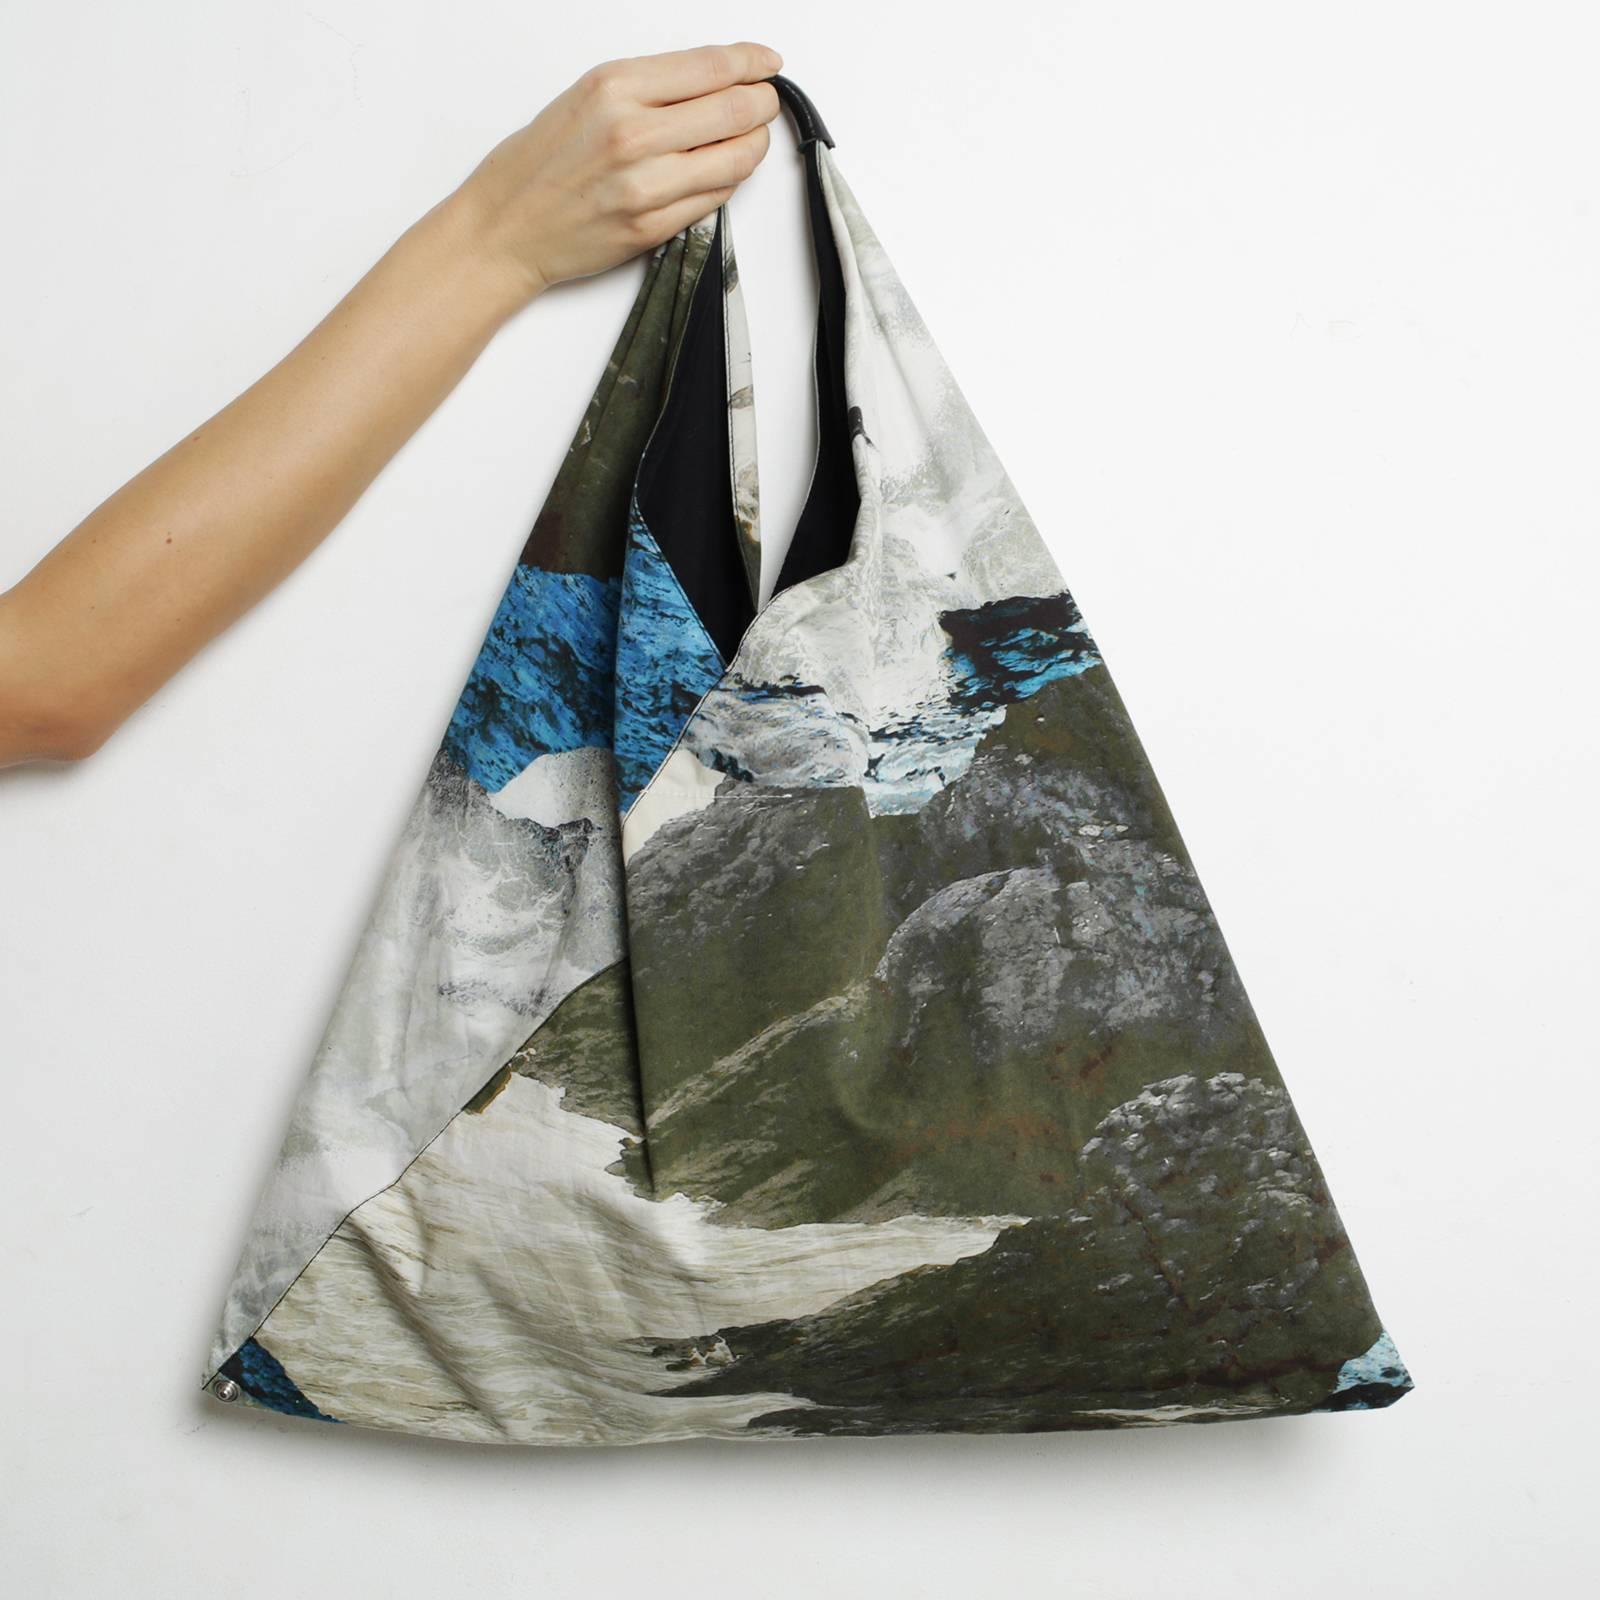 2987a8153b7b Купить сумку MM6 в Москве с доставкой по цене 5700 рублей | Second ...